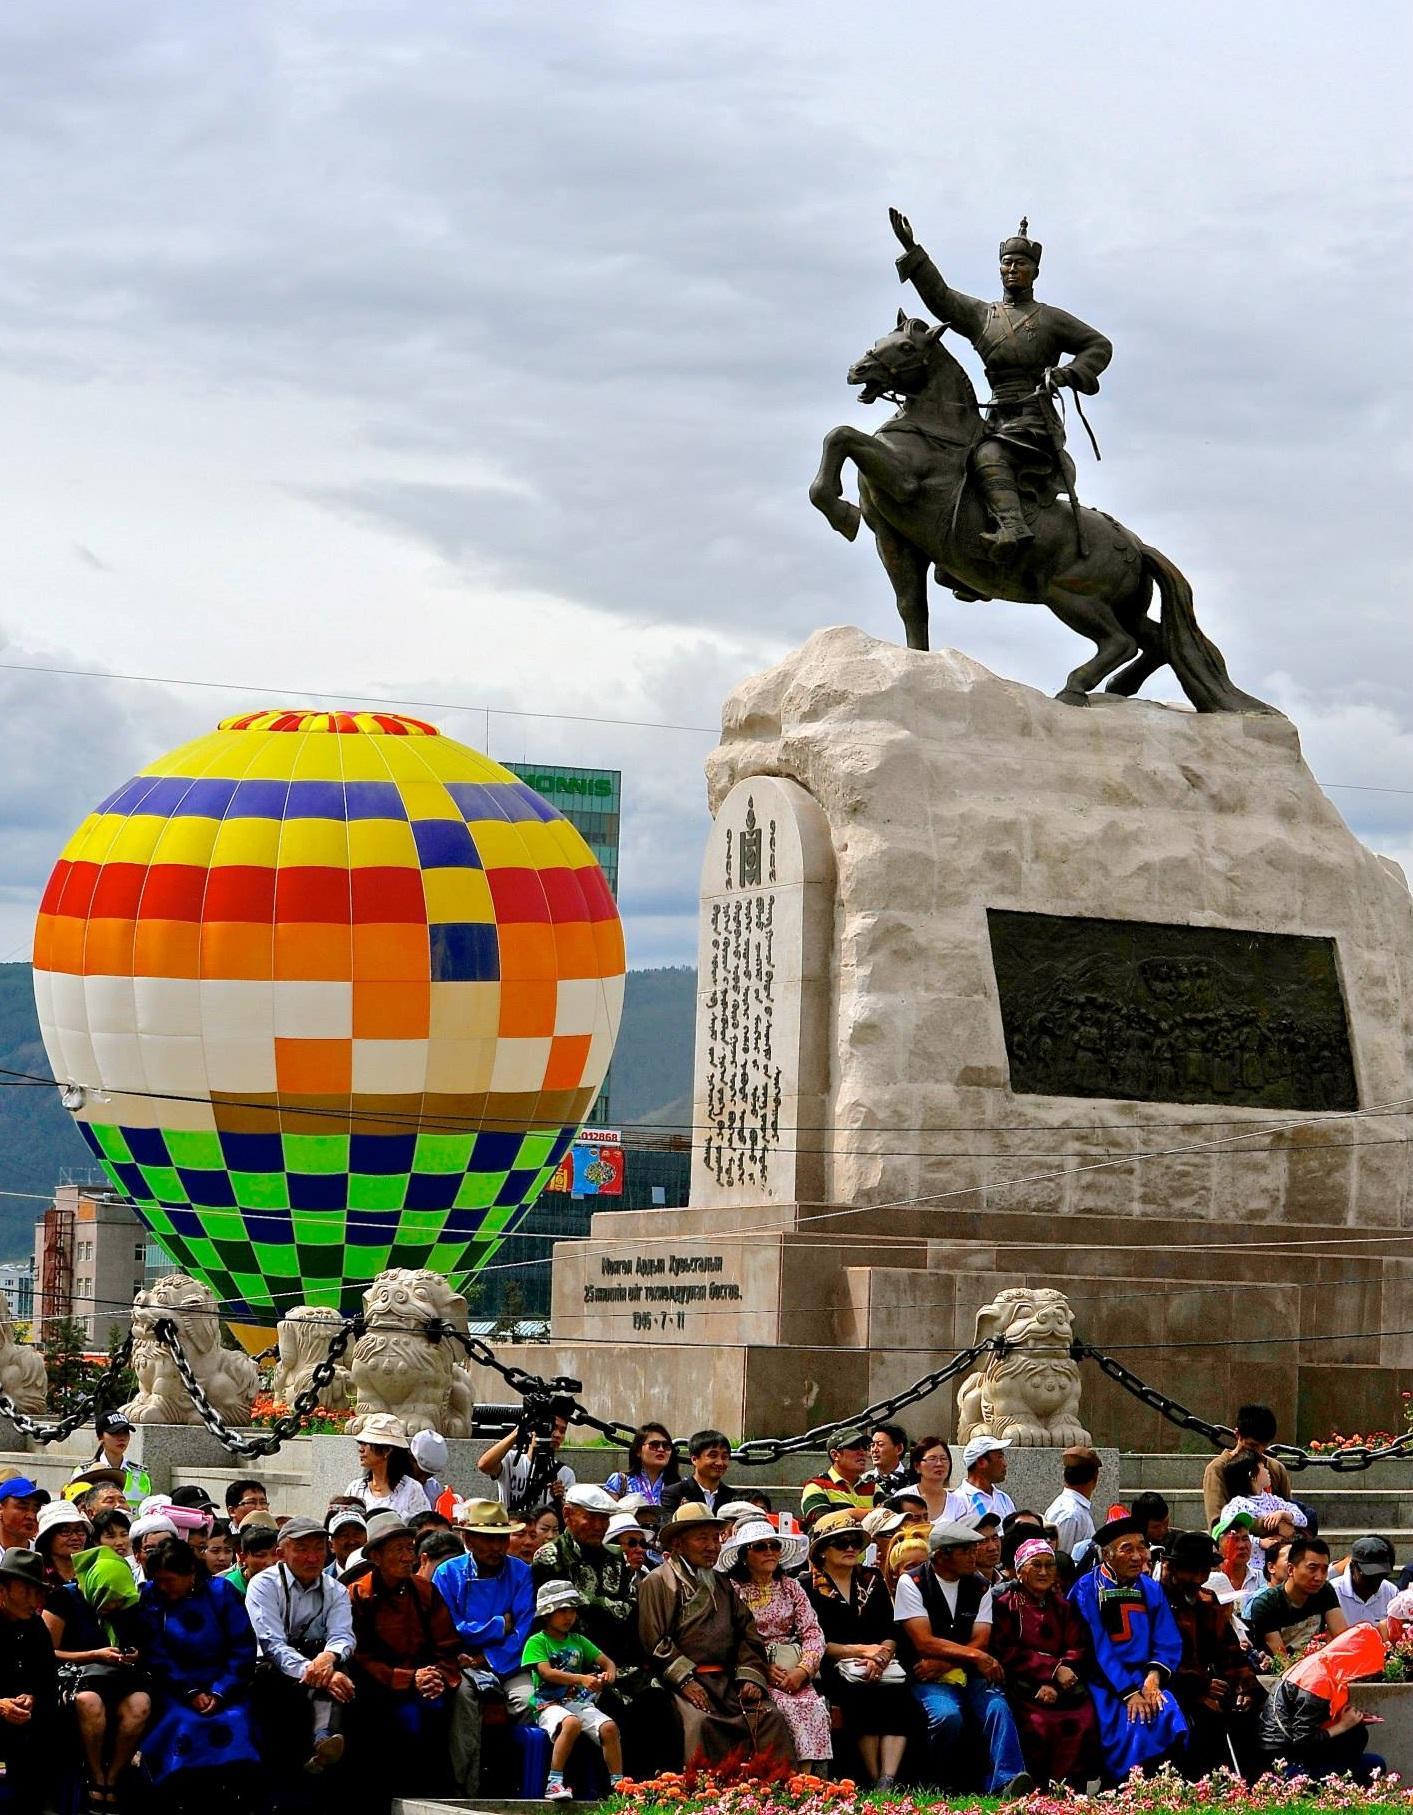 Su'khbaatar Square in Ulaanbaatar